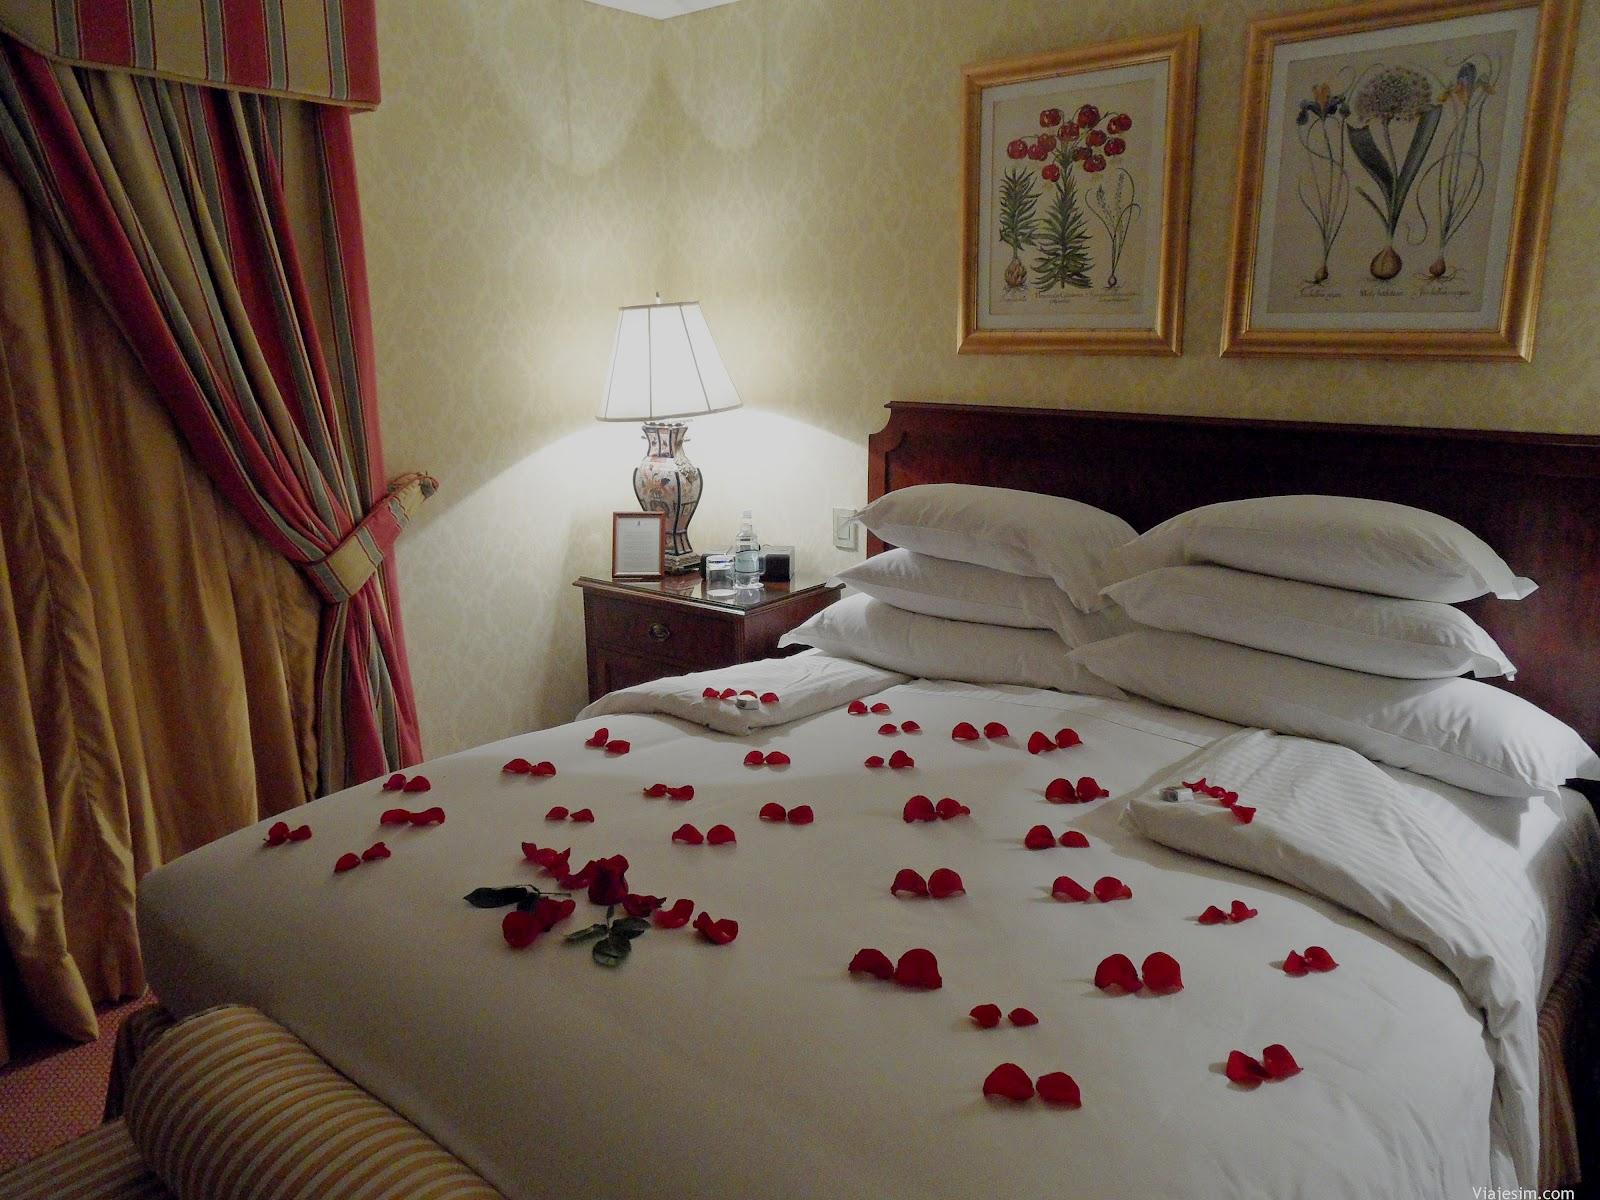 quarto à noite já preparado pela camareira #62402C 1600 1200